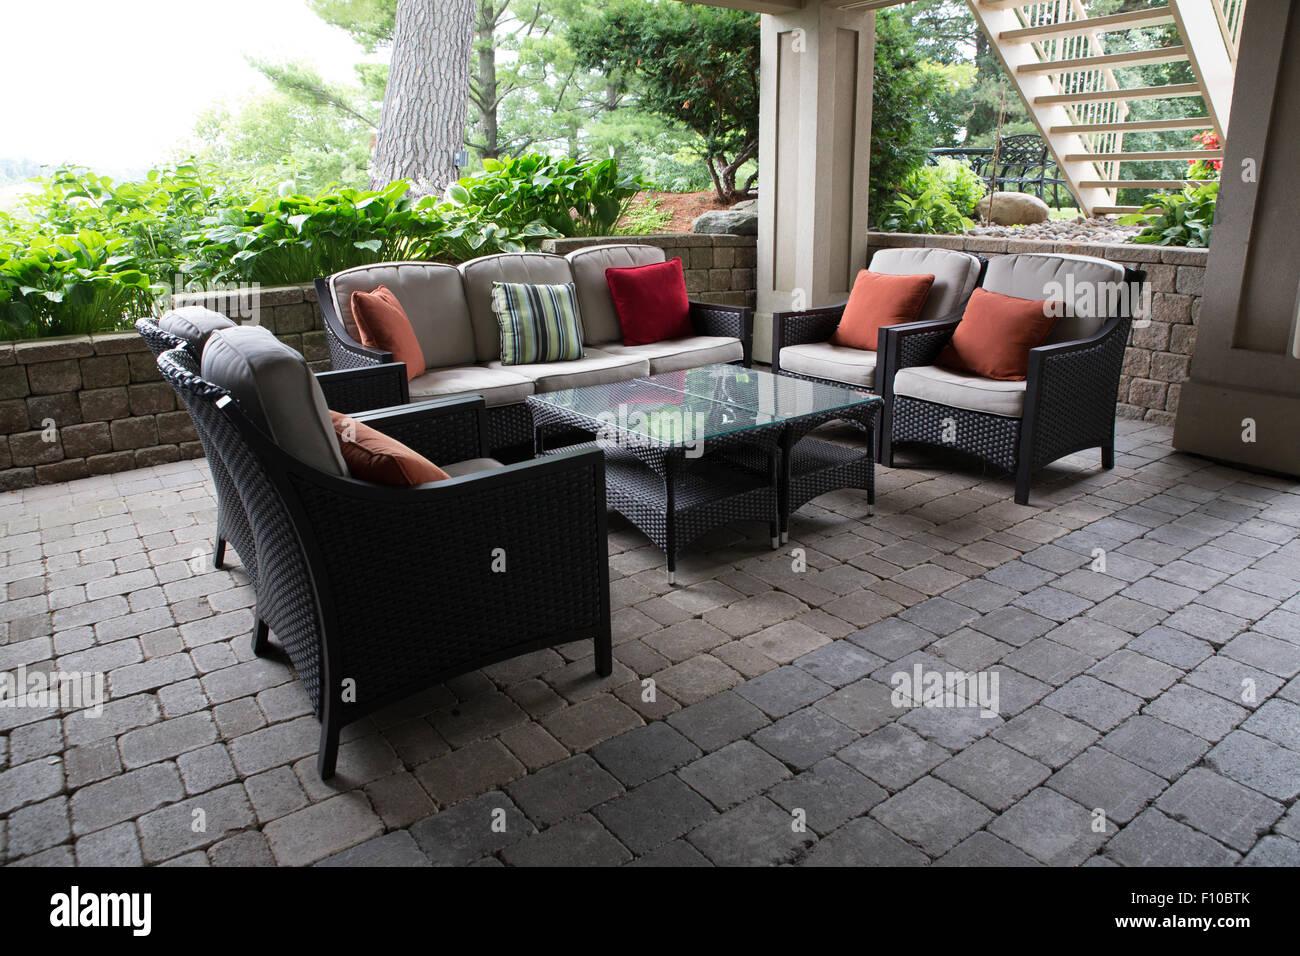 Estate mobili da giardino Immagini Stock